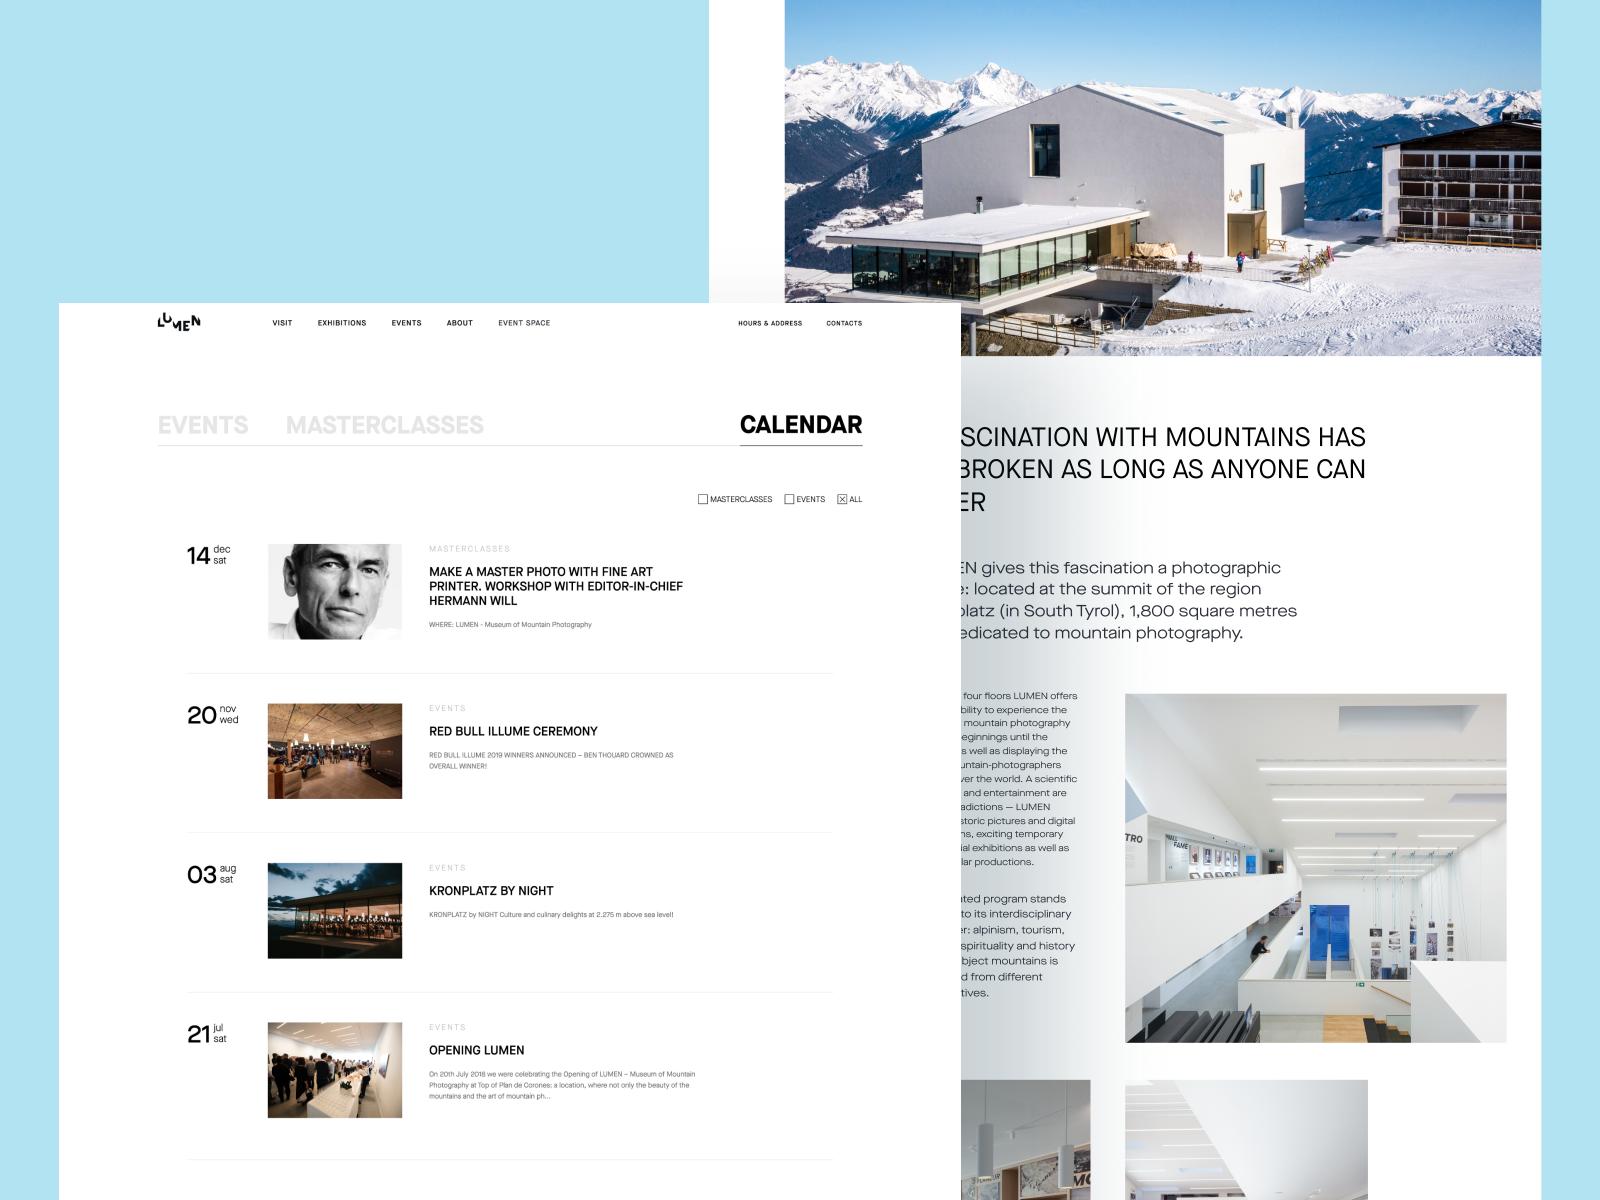 lumen museum website design